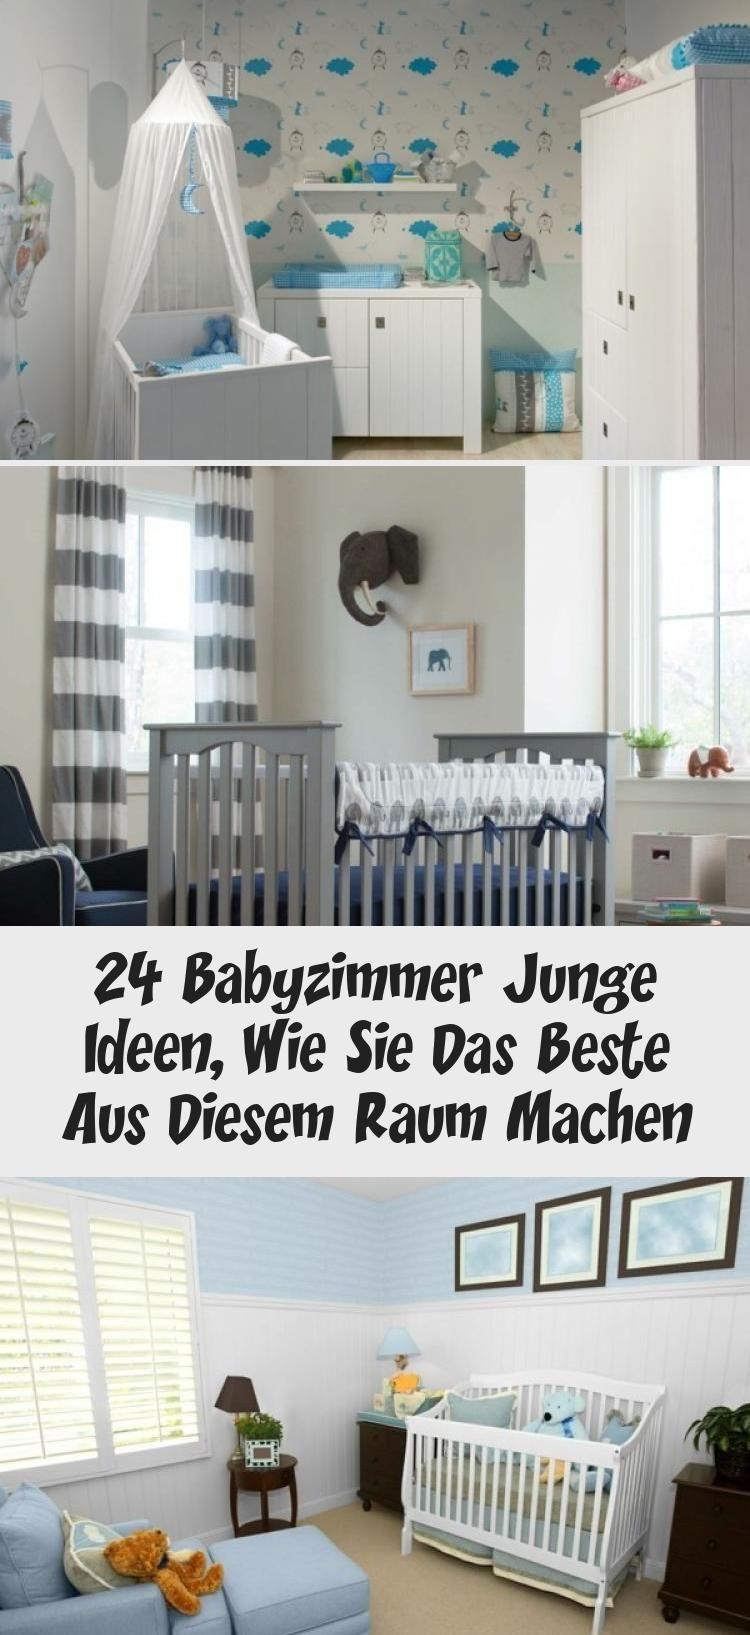 24 Babyzimmer Junge Ideen Wie Sie Das Beste Aus Diesem Raum Machen Einrichten Konzept Farben Bett Babynursery Kinderzimmereinrichten Bed Home Decor Home